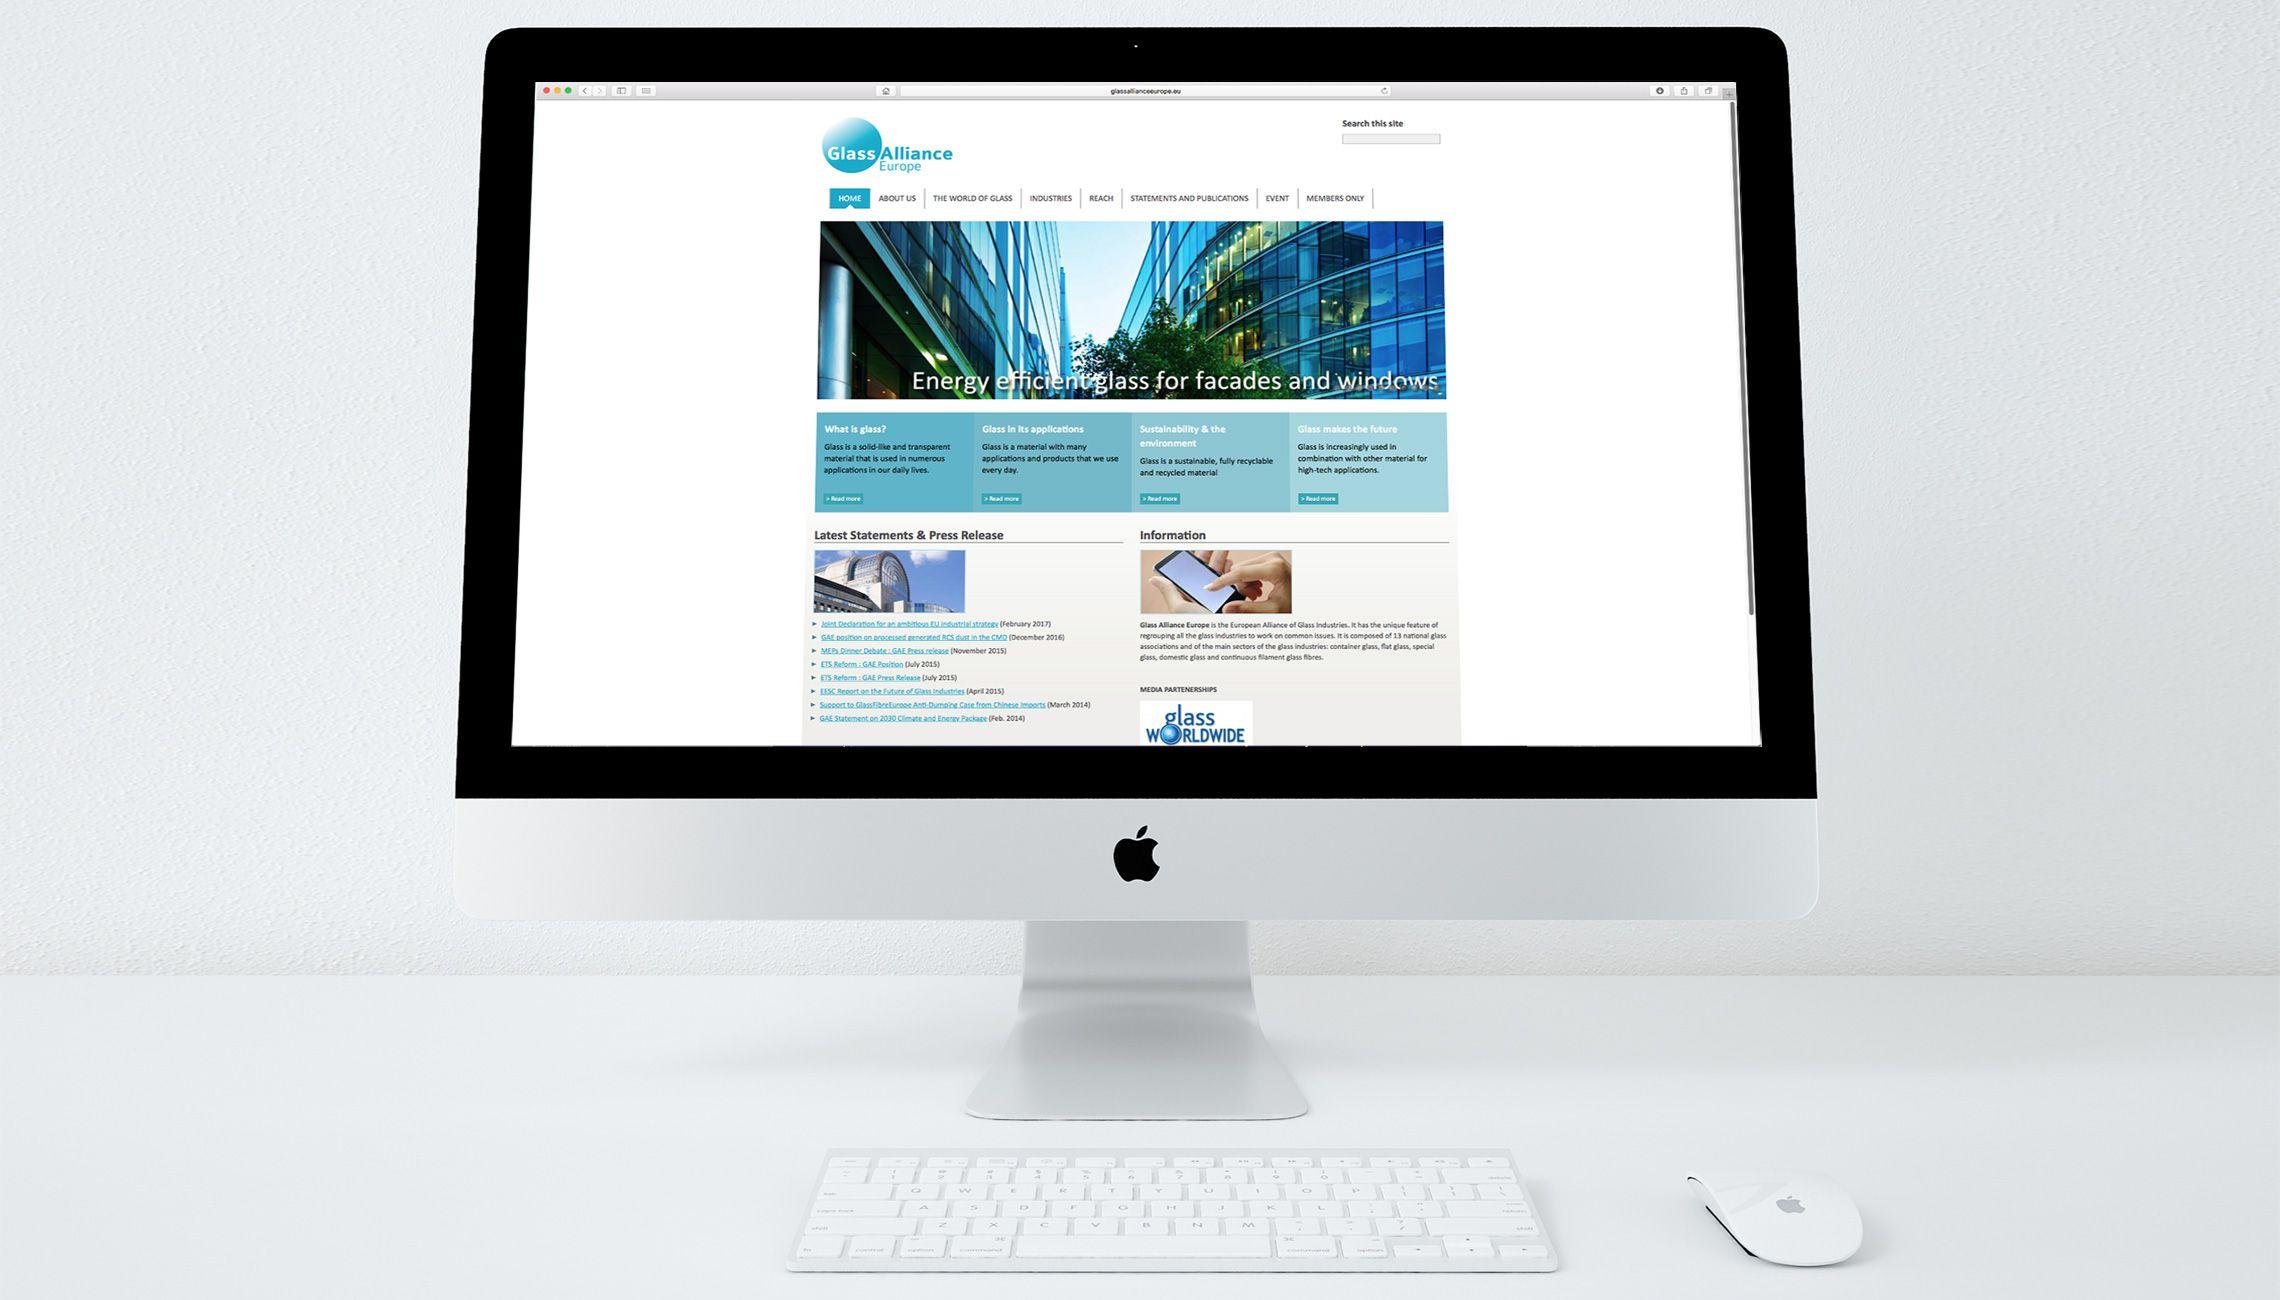 web: Webdesign - image 1